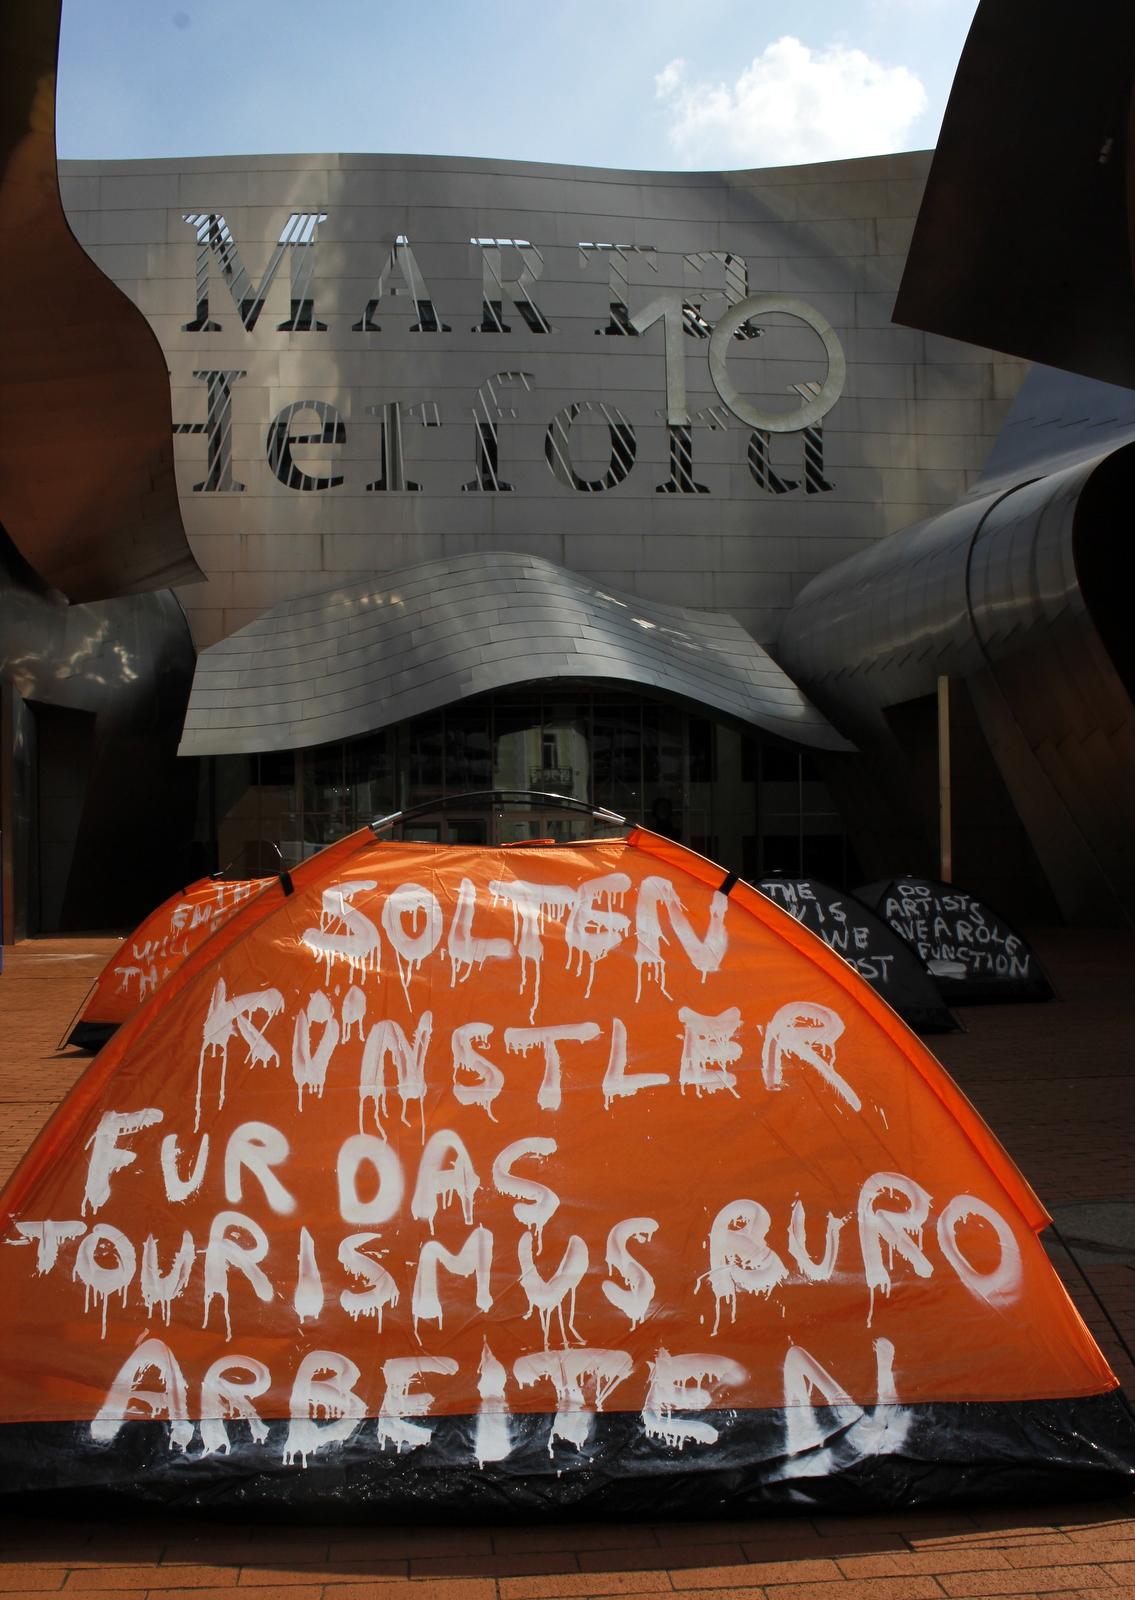 Solten künstler fur das Tourismusbüro arbeiten, 21/8 2015, Mix-media: Spray pain on Tent,2,2 kilos, 2 m x 1,40 m.Installation at the entrance of Marta Herford -Museum für moderne Kunst.